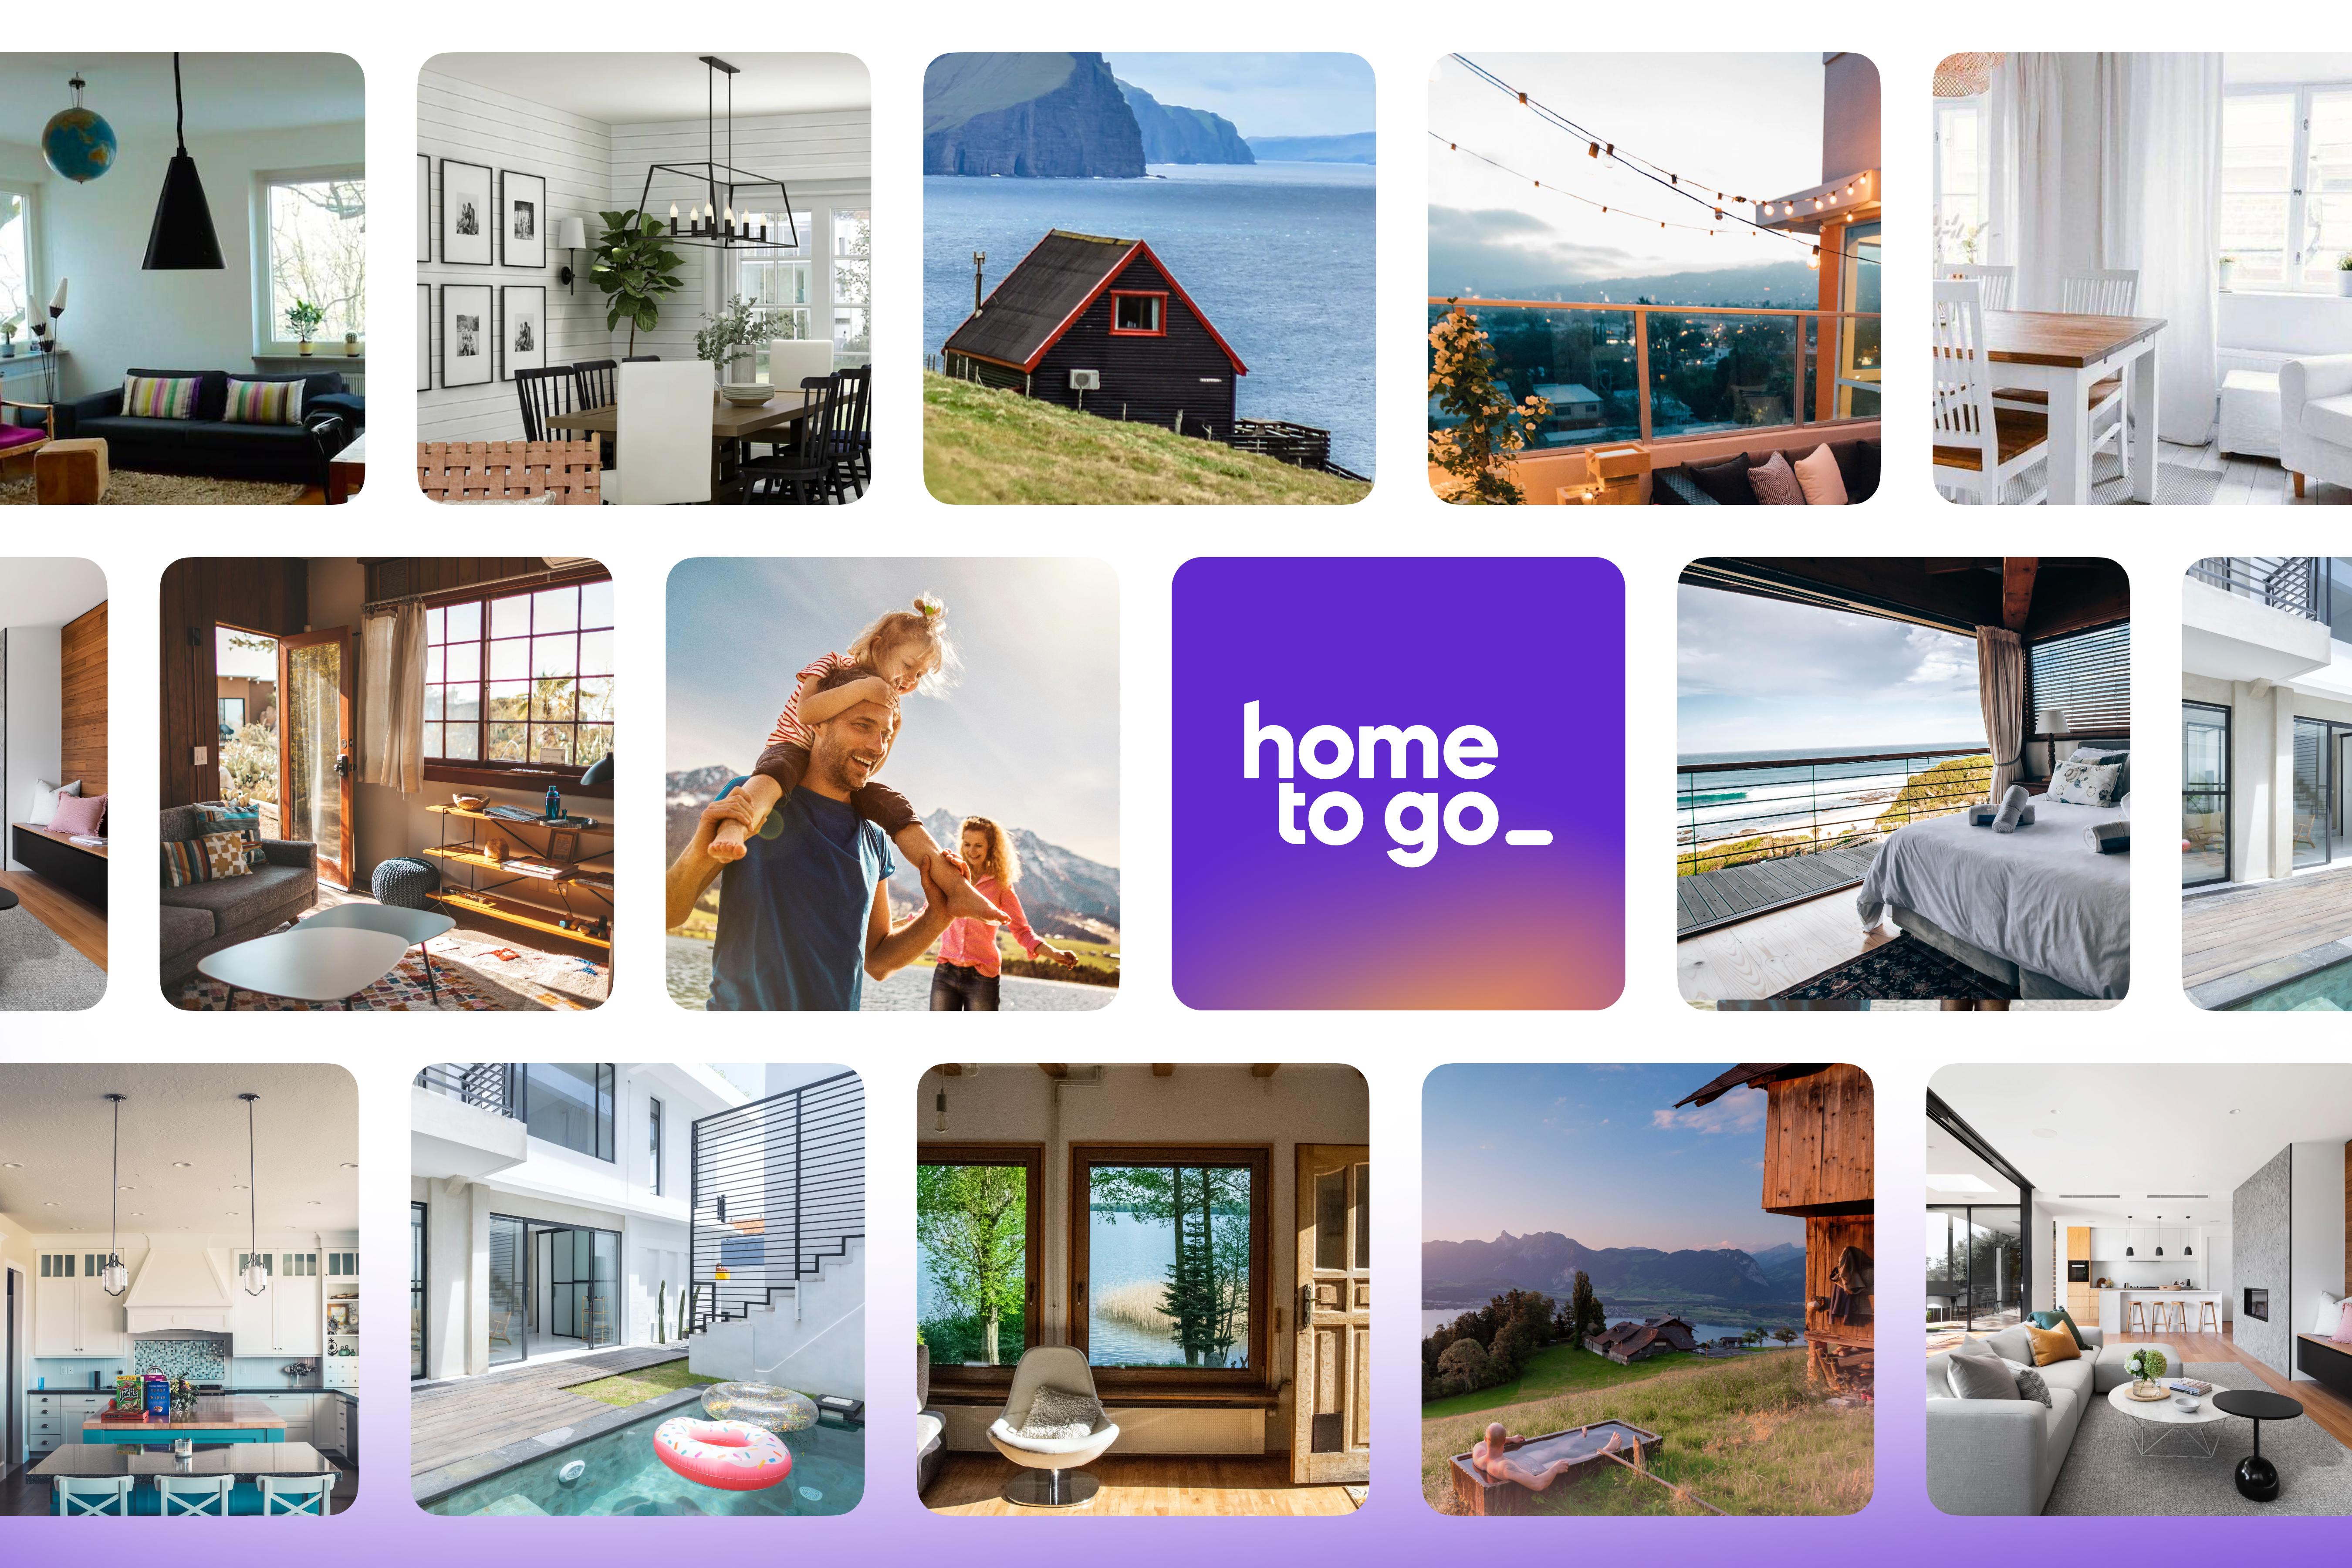 Ferienwohnungen & Ferienhäuser günstig mieten   HomeToGo